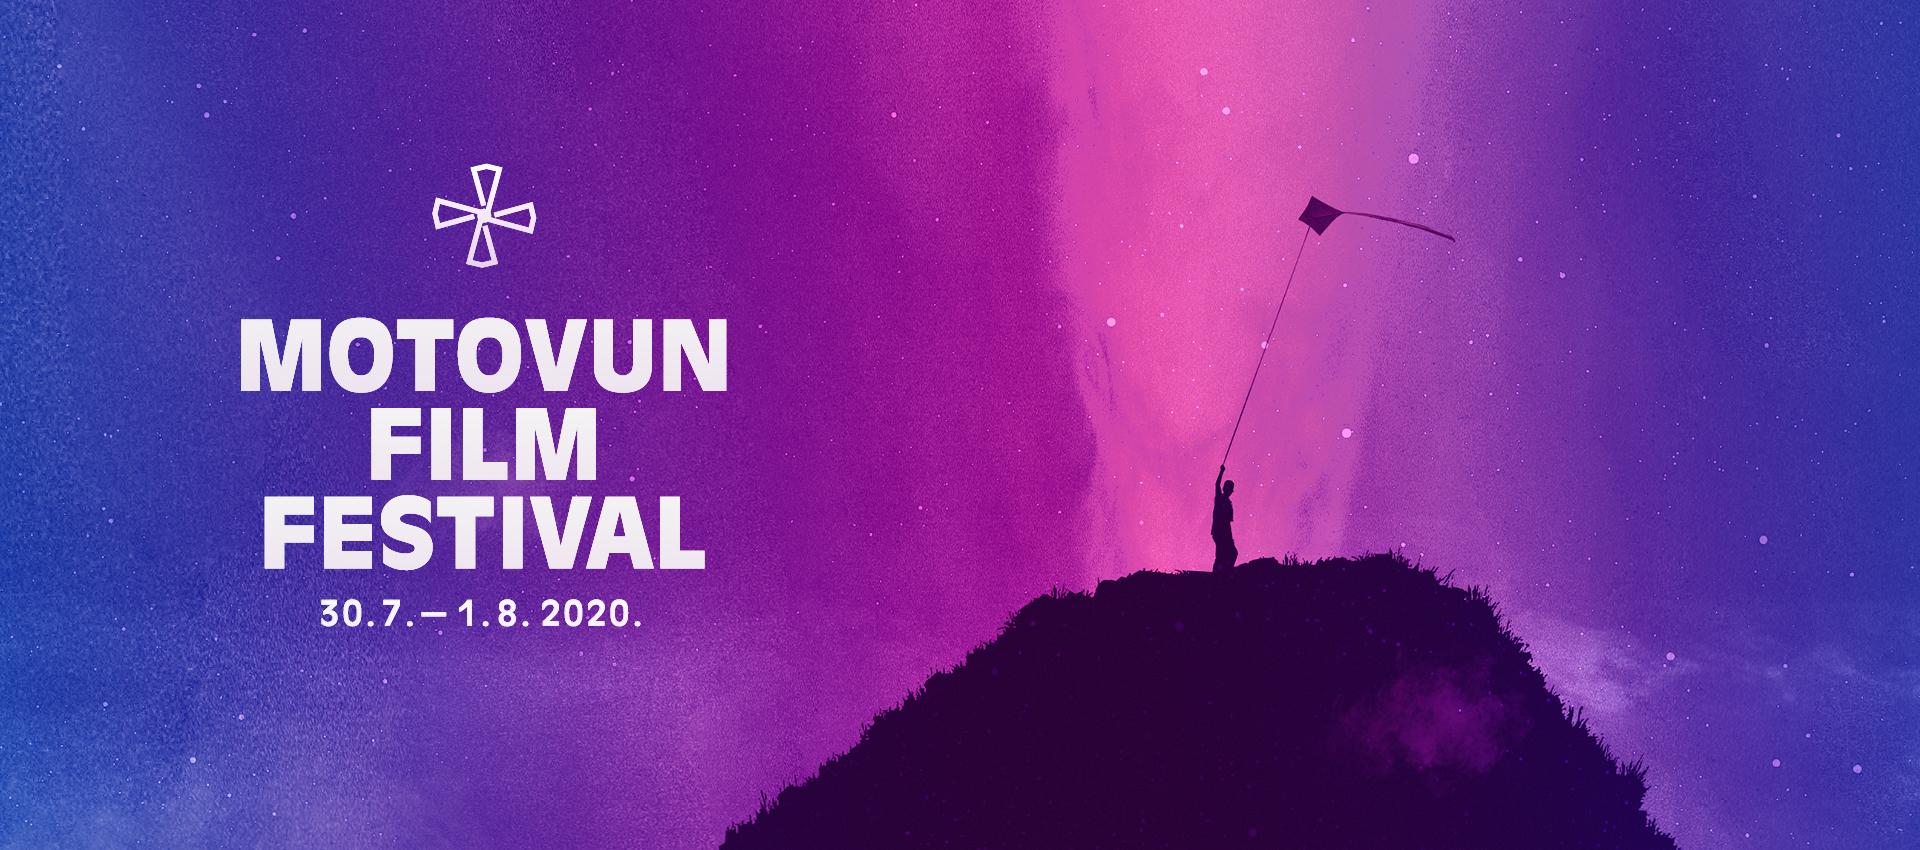 Motovun 2020: Odgođen festival u Motovunu, nastavljaju se projekcije u drugim gradovima